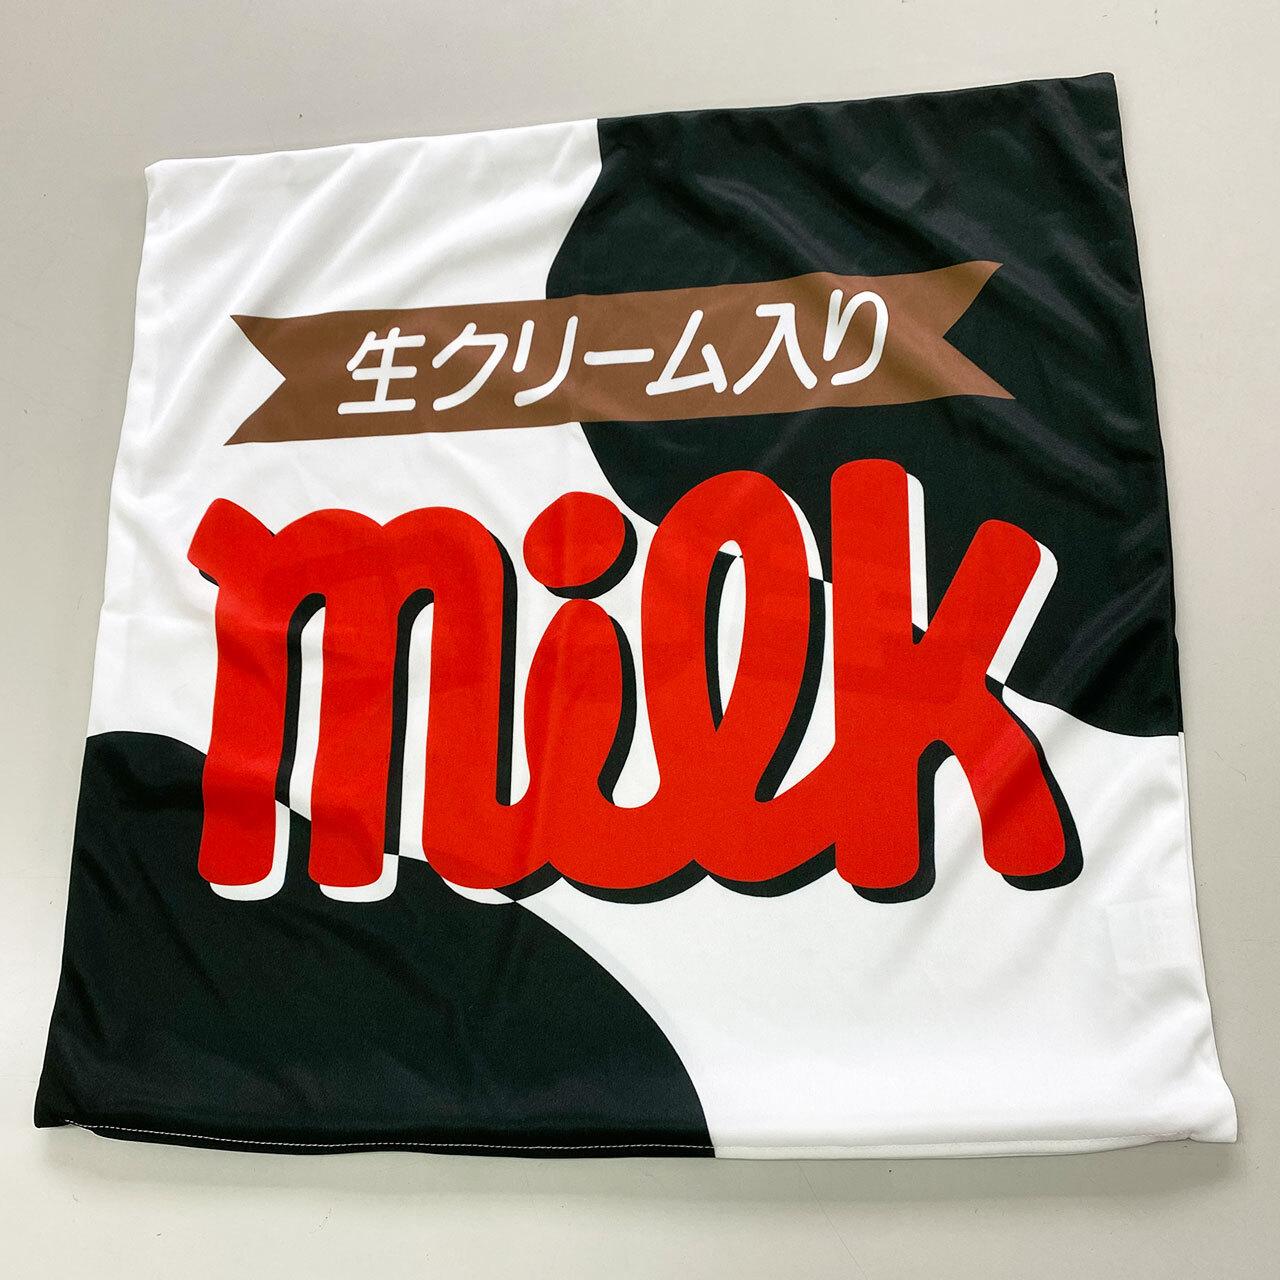 【4589839350624予】チロルチョコ  ミルク クッションカバー